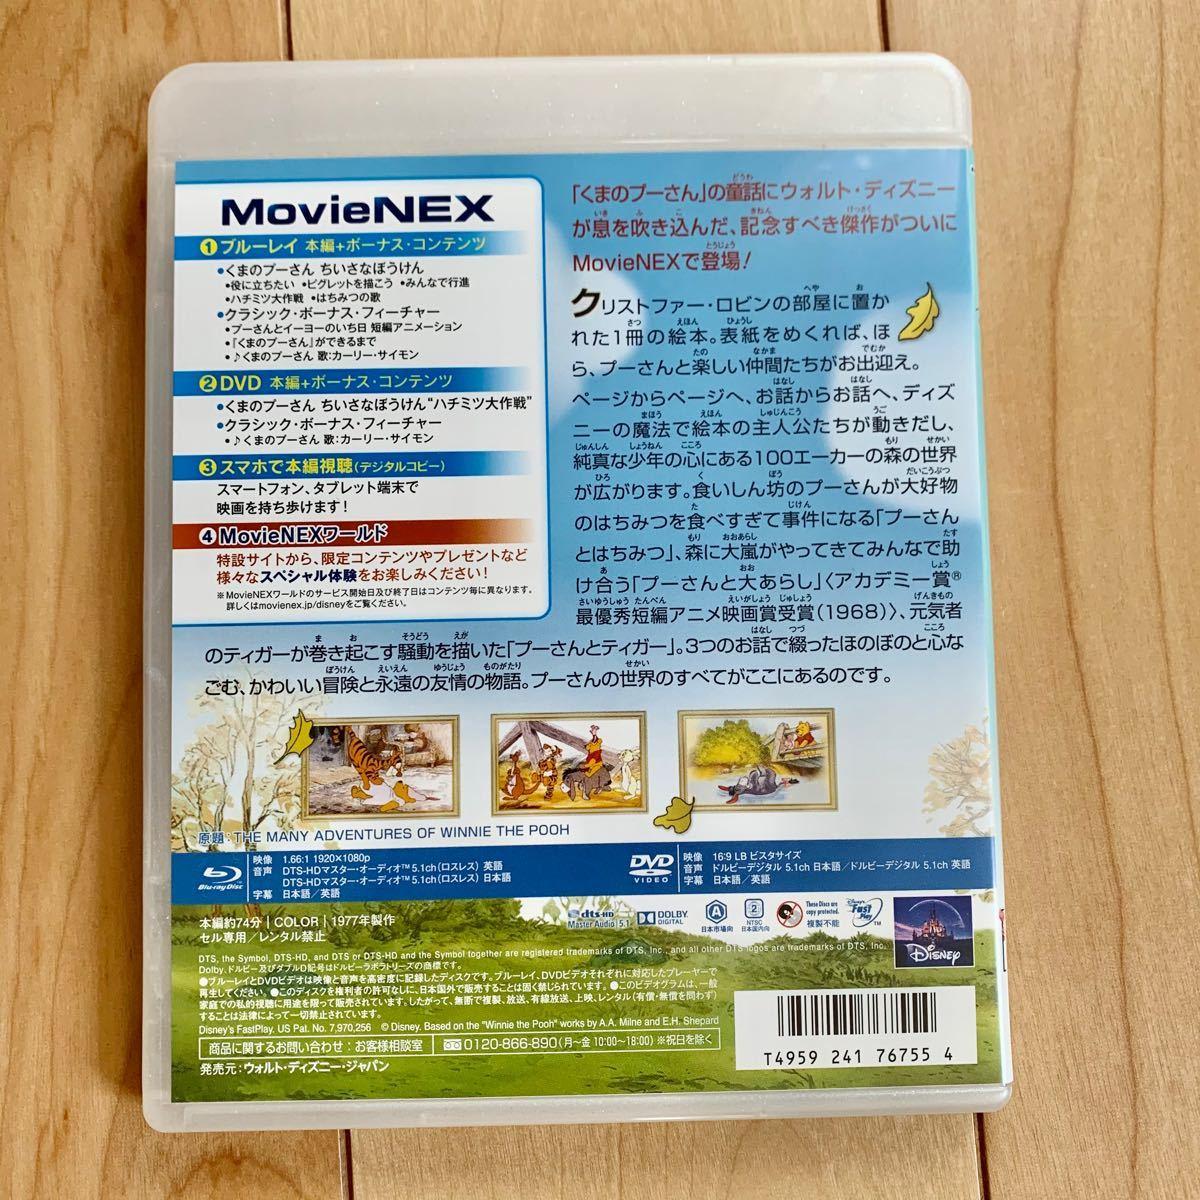 くまのプーさん 完全保存版 ブルーレイ+純正ケース【国内正規版】新品未再生 MovieNEX Blu-ray ディズニー